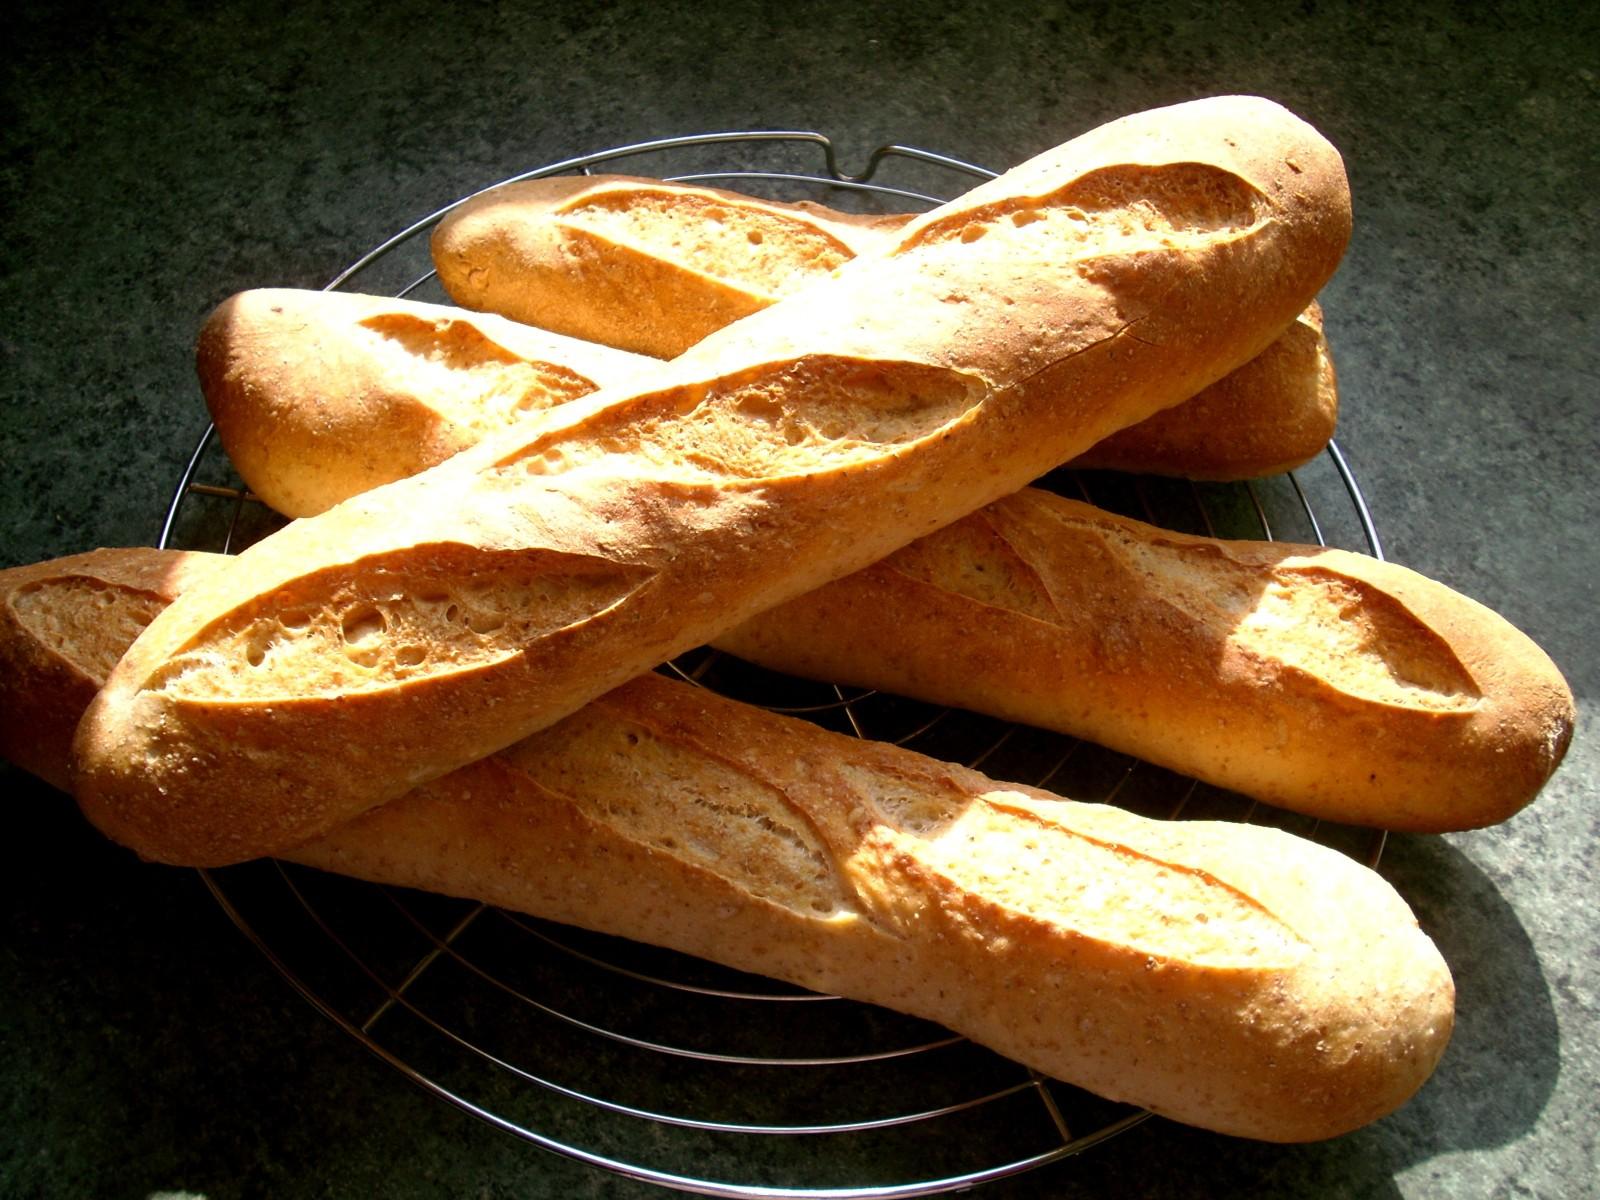 baguette à bicyclette, votre petit déjeuner livré à domicile grâce ... - Cuisine Livree A Domicile